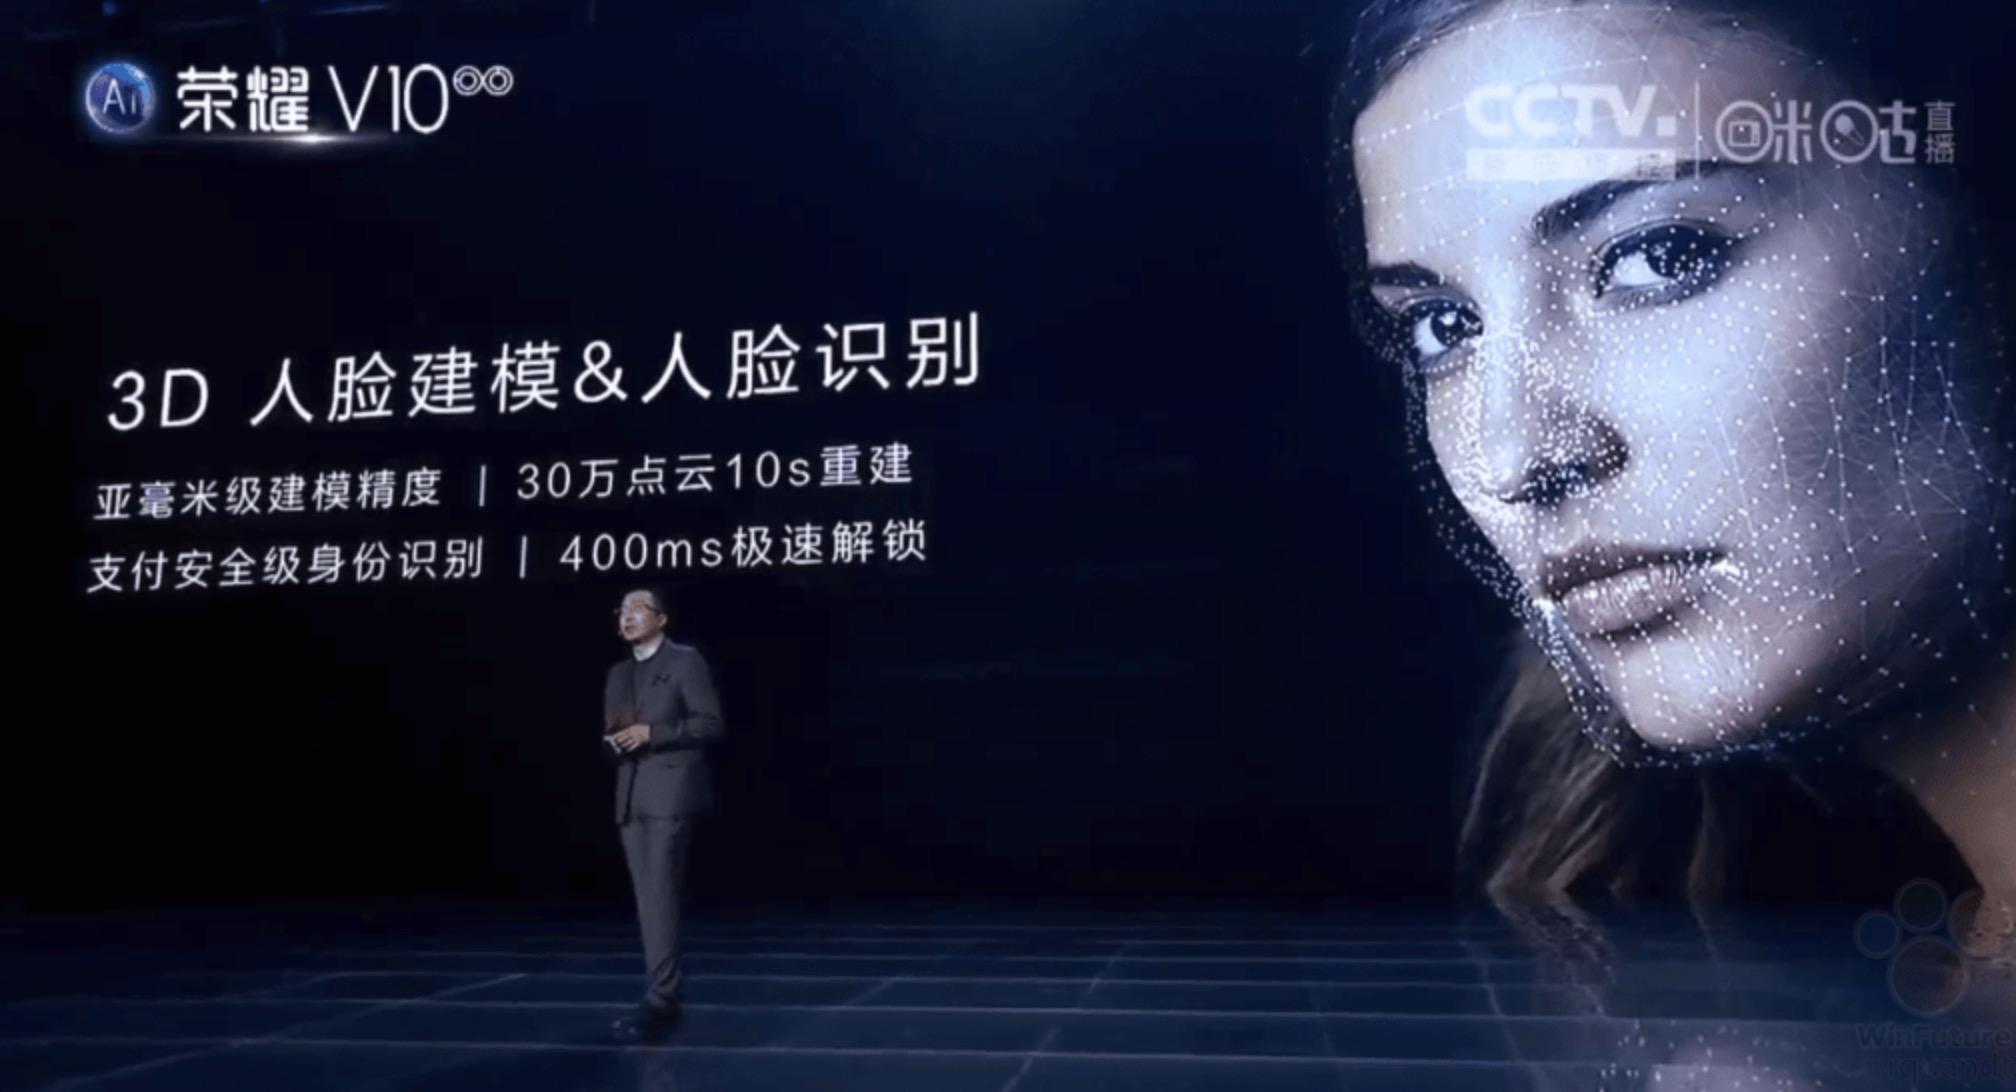 Huawei giới thiệu công nghệ nhận diện khuôn mặt mới mà hãng quảng cáo là chính xác hơn cả Face ID